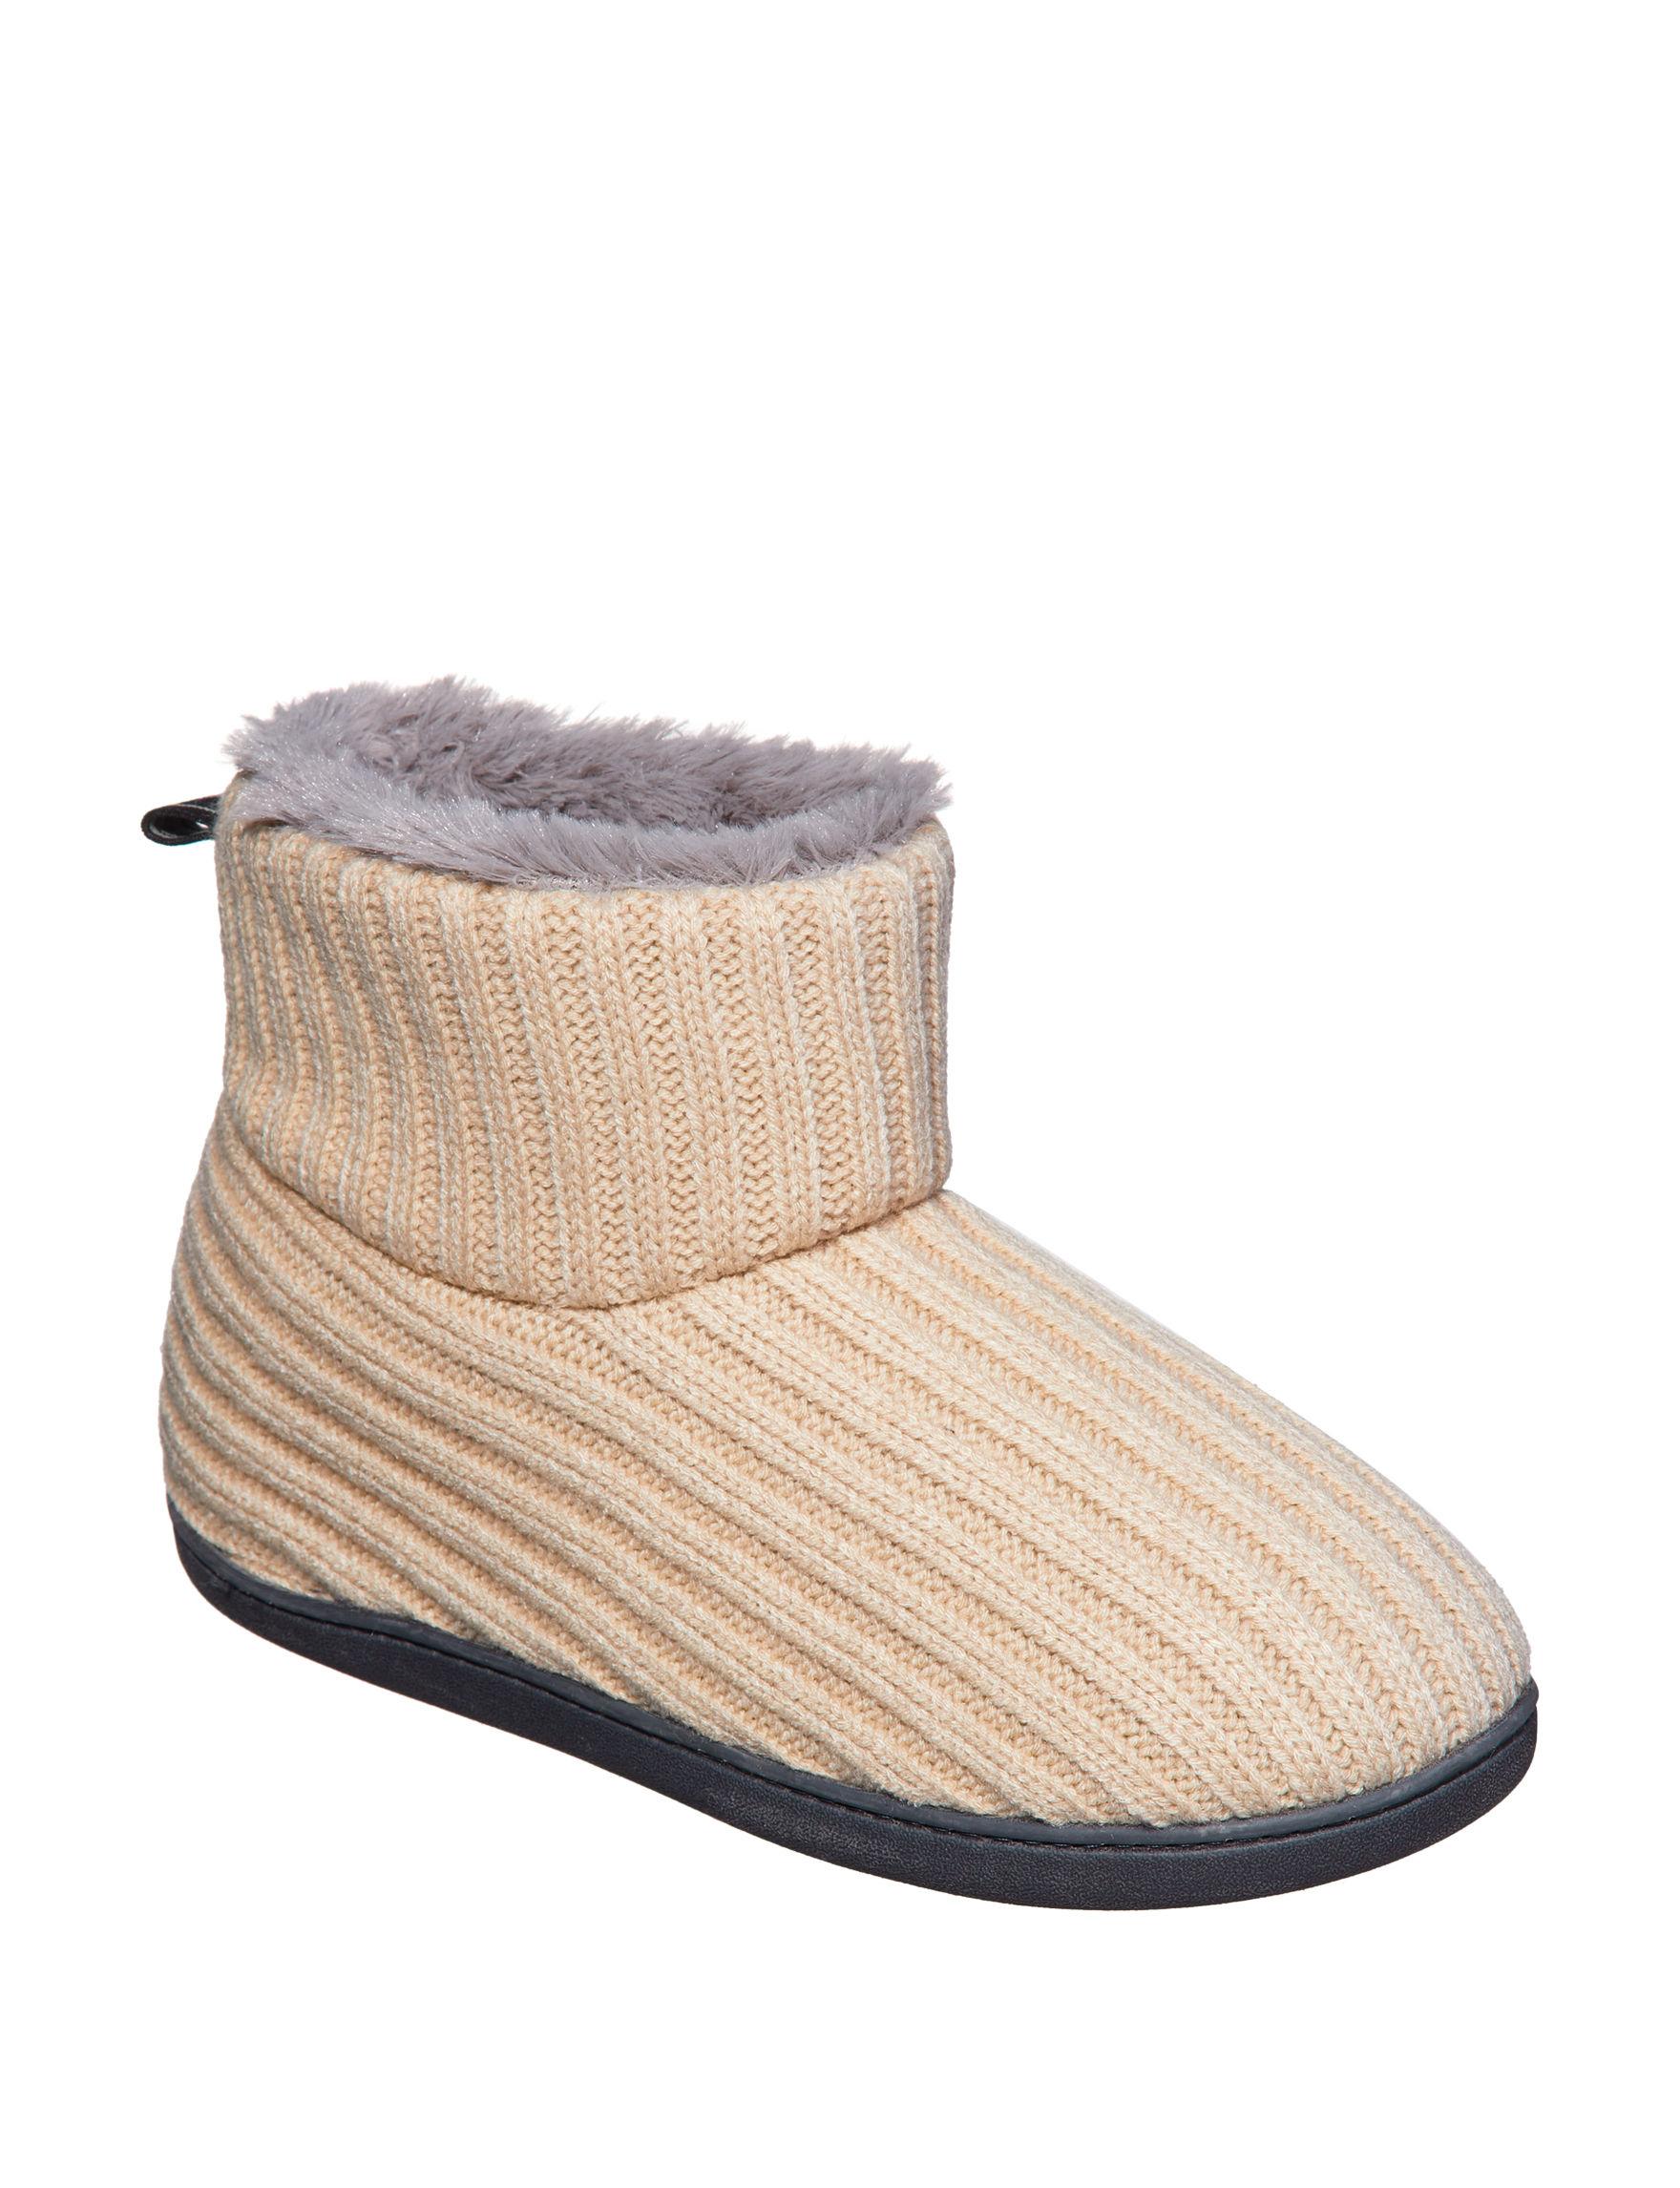 Hanes Dark Beige Slipper Shoes